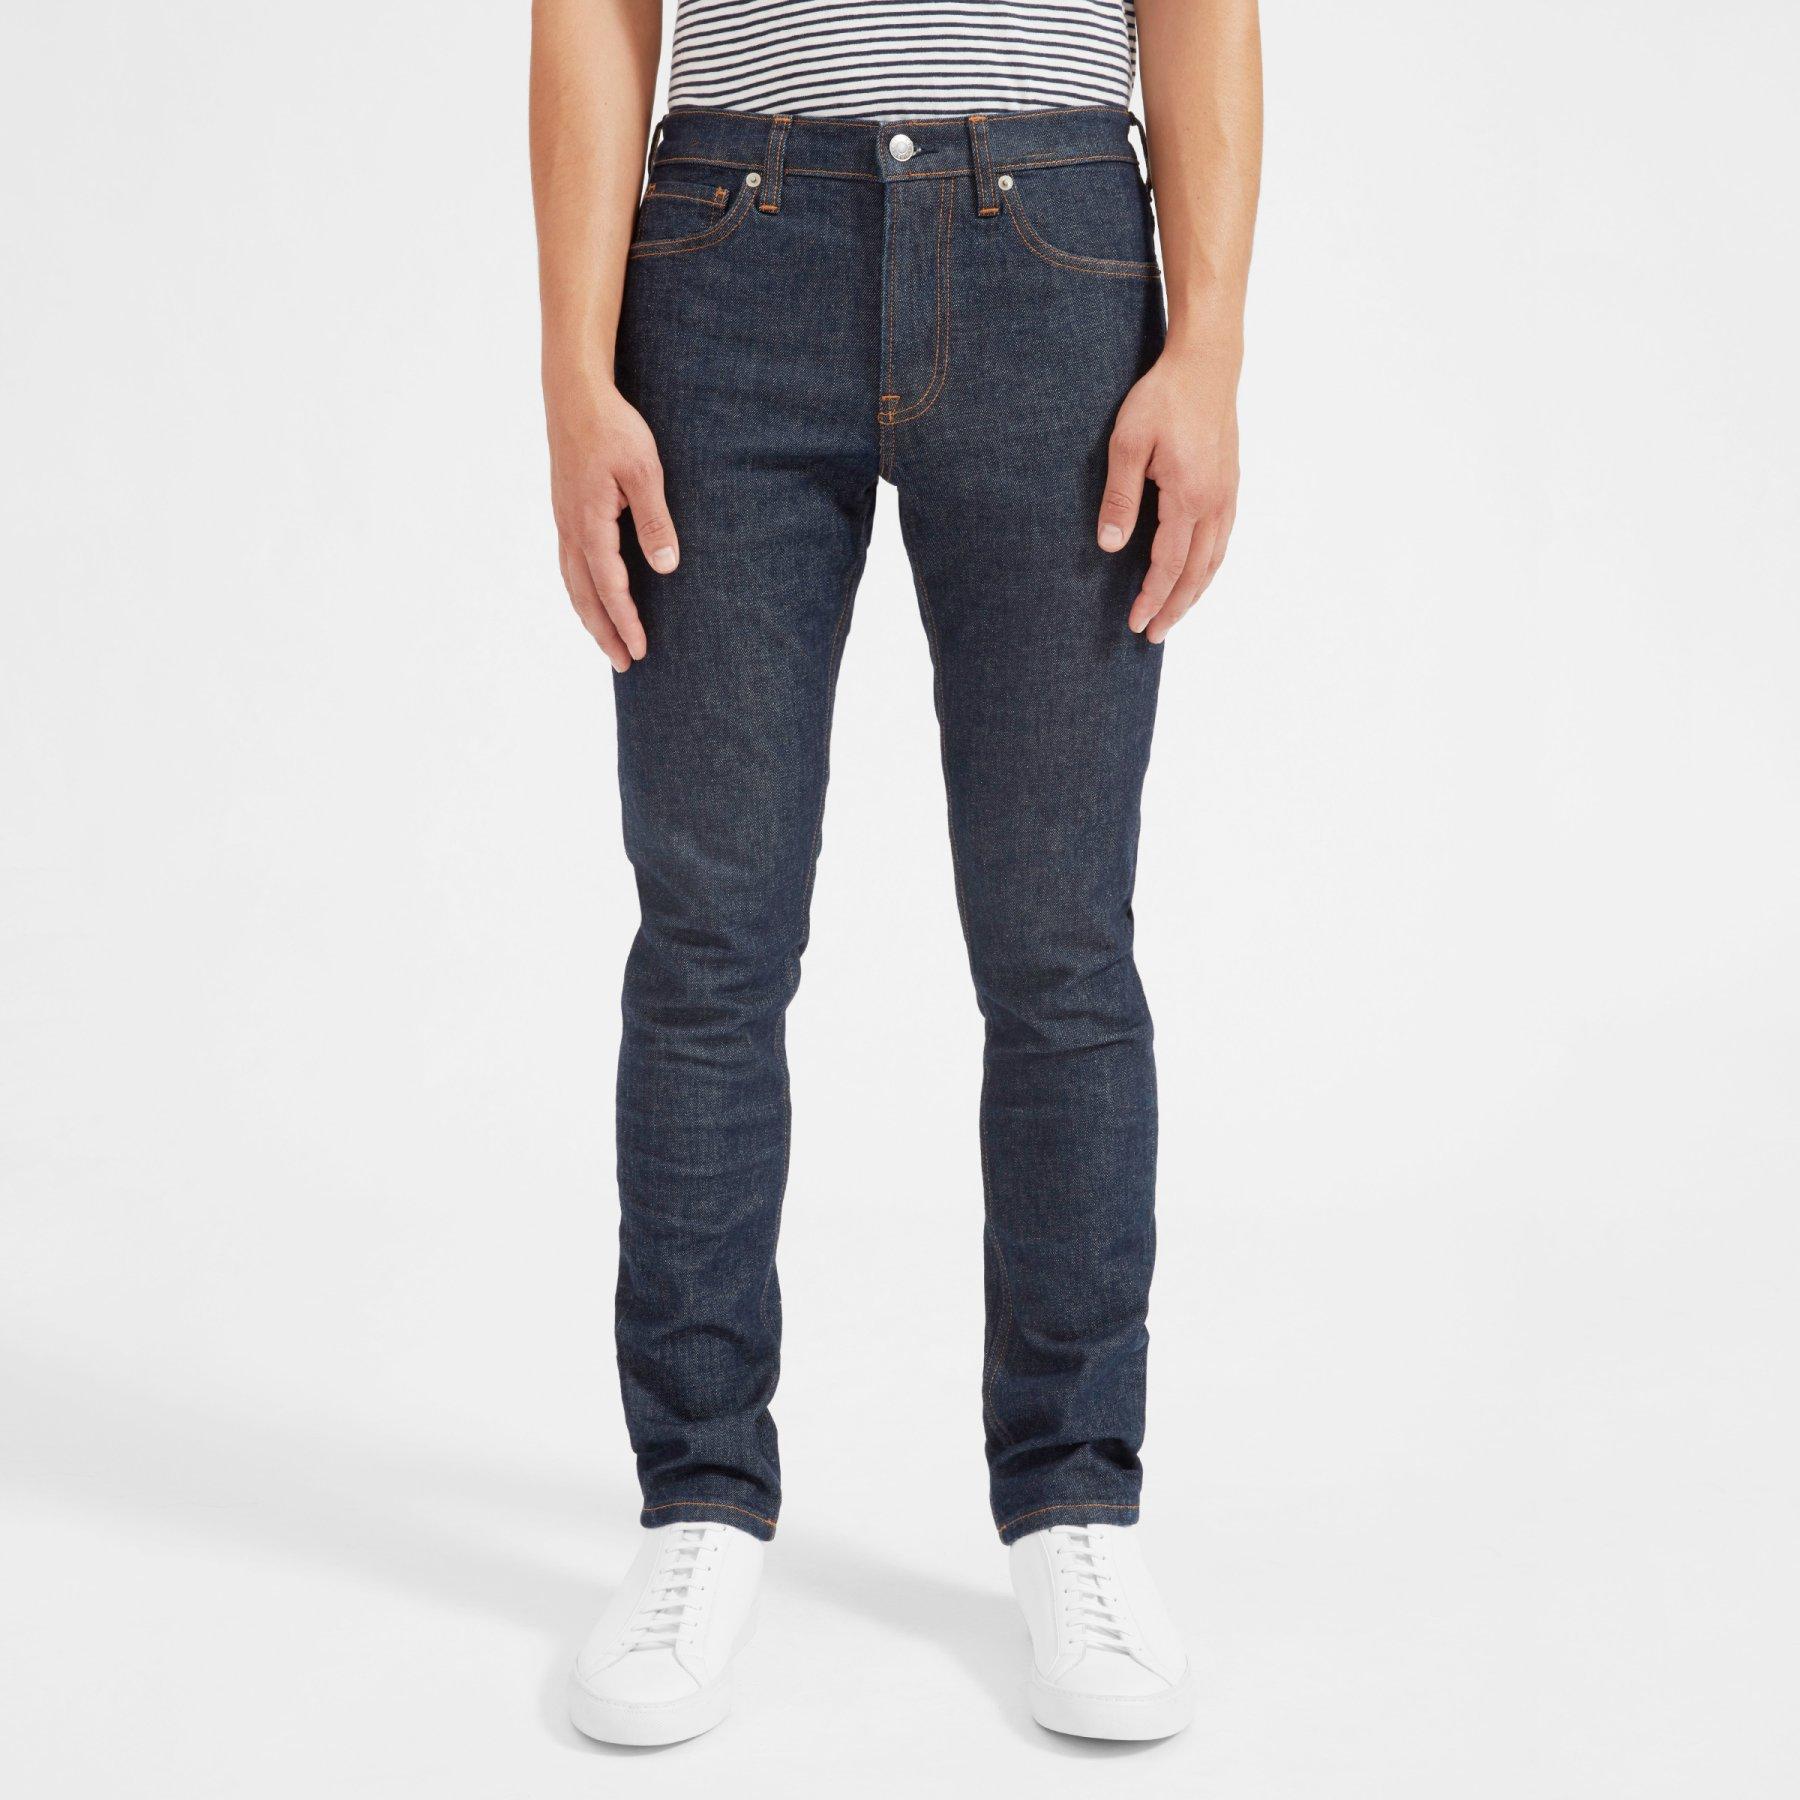 Everlane Men's Jeans.jpg